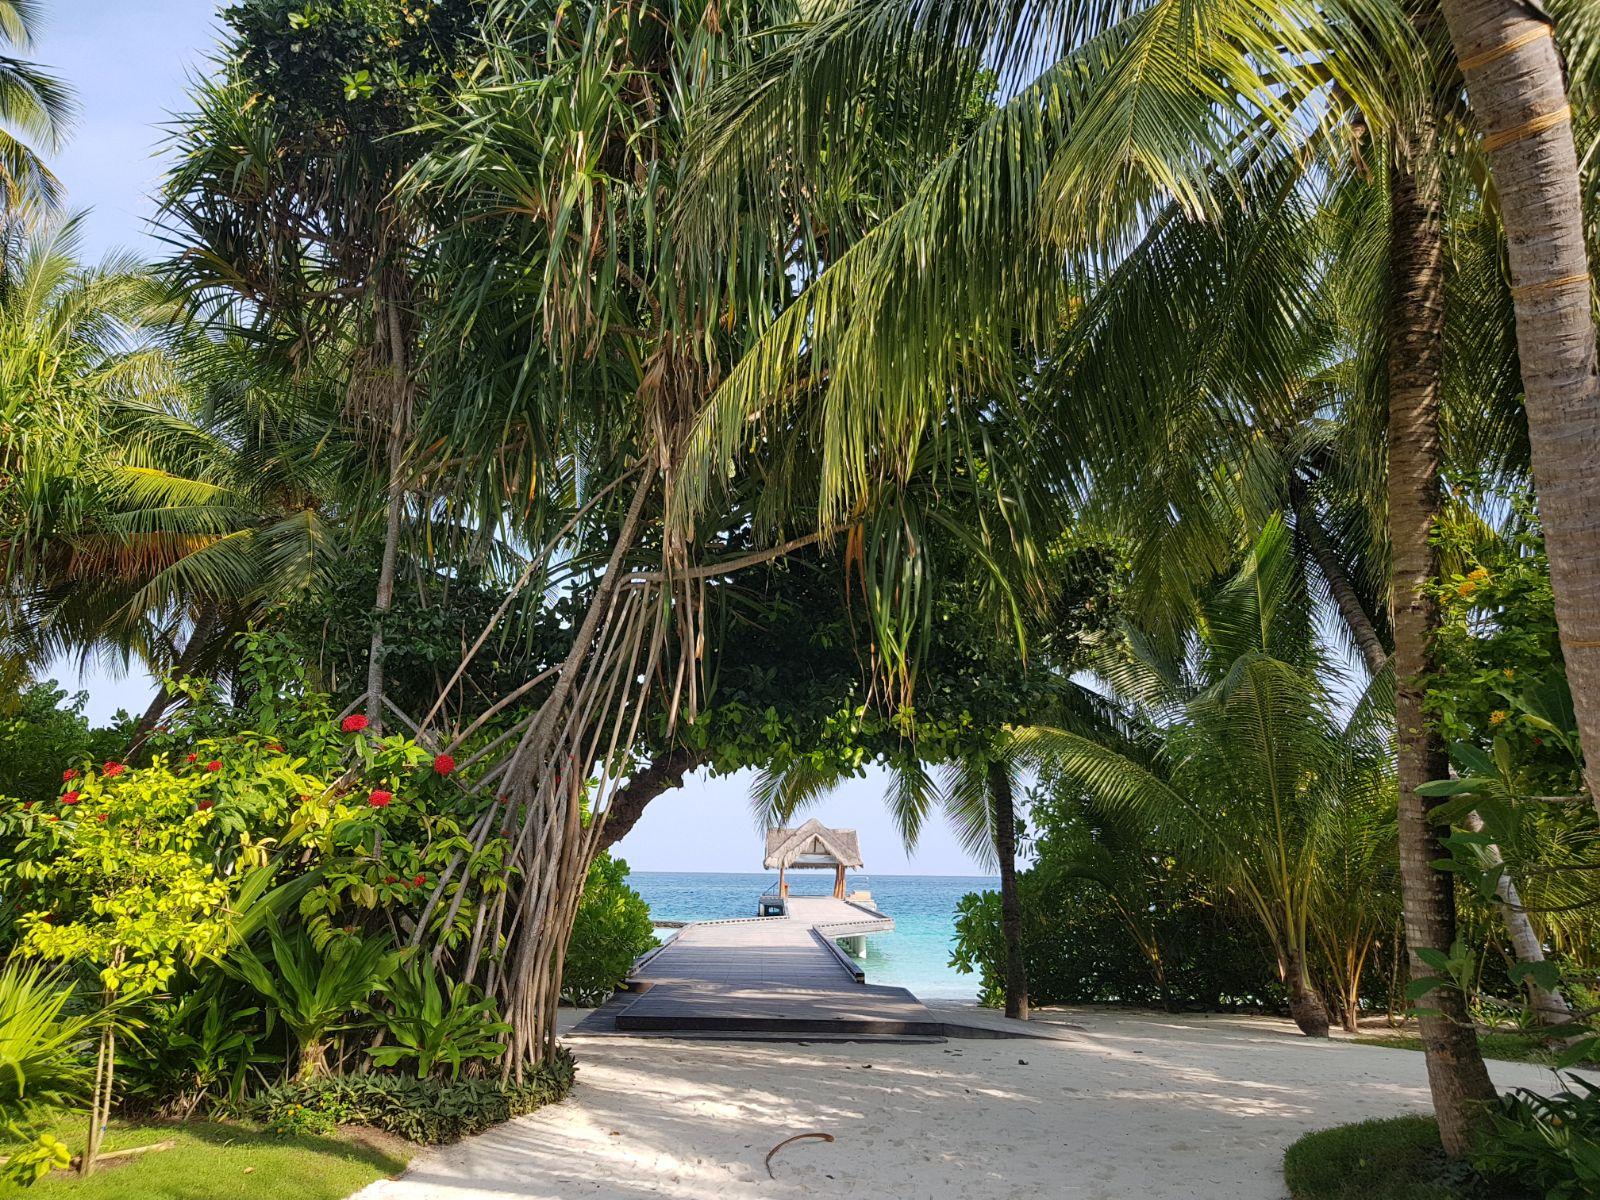 Fotografii de la turişti: Vacanţă în Maldive, foto @ANCAPAVEL.RO